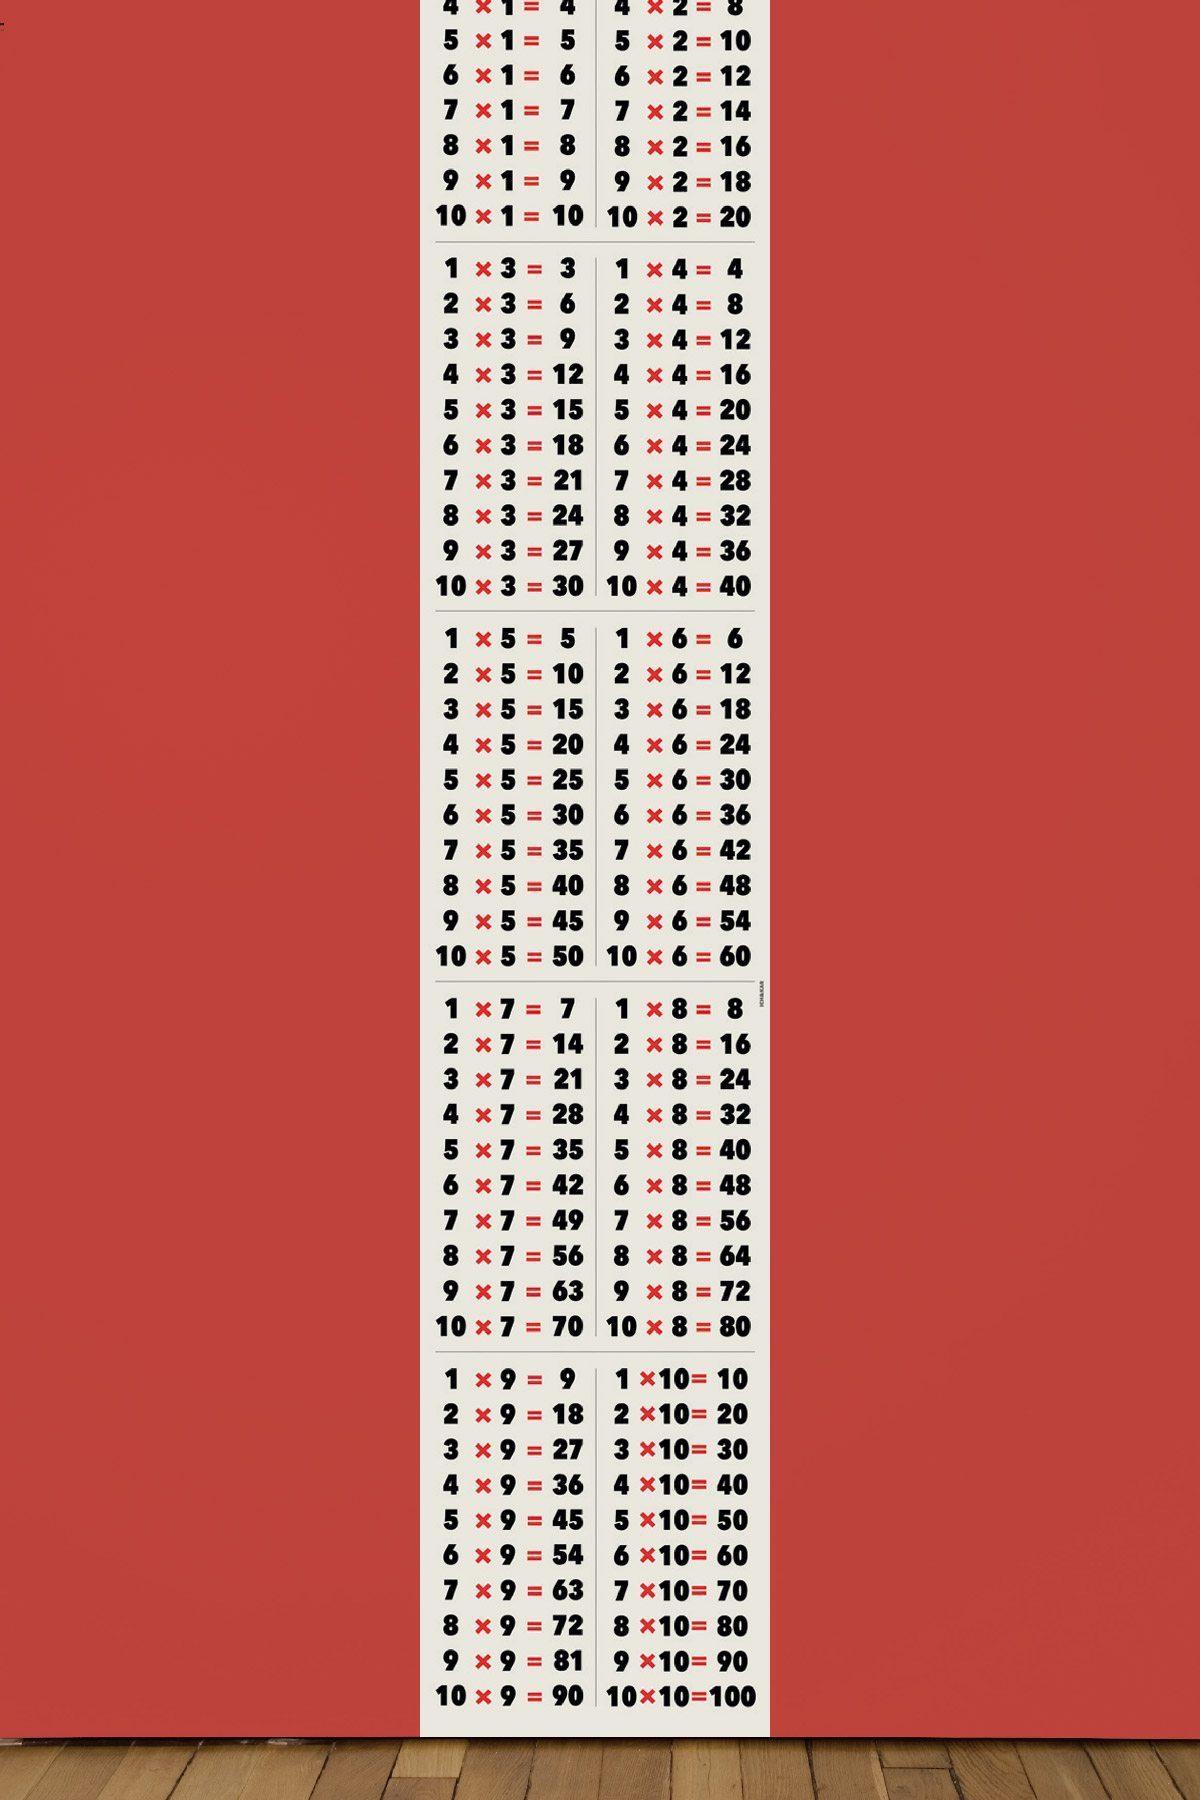 watch, look and learn, la collection de papier peint educative, les table de multiplication , 3x7, design IchetKar